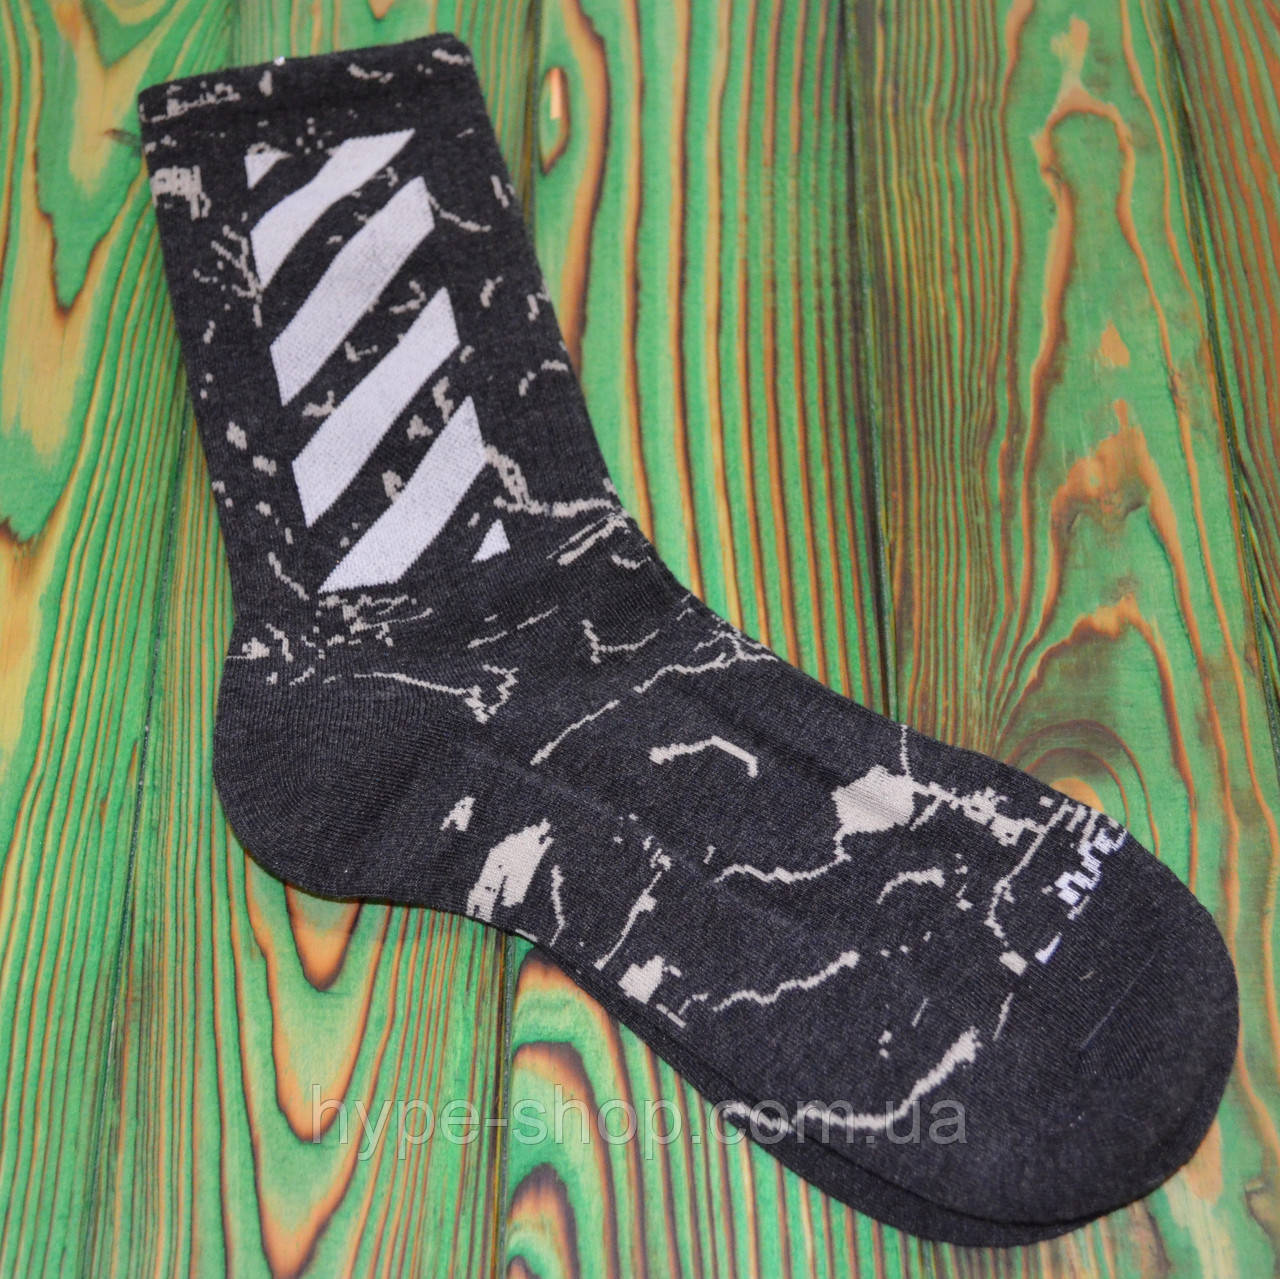 Высокие Черные Носки Off-White размер 35-45 реплика